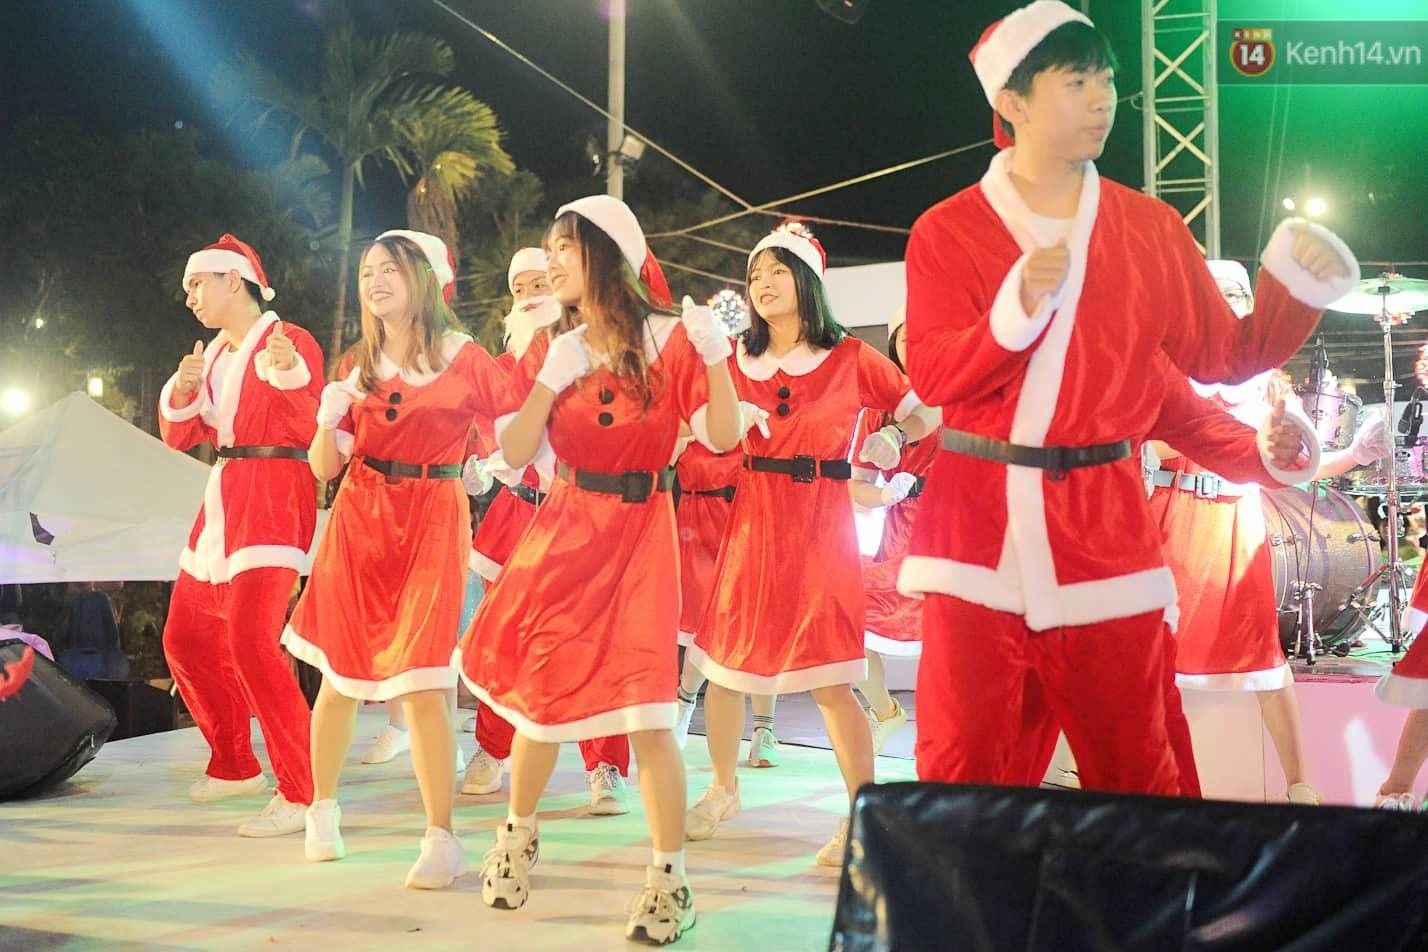 Người dân Hà Nội, Sài Gòn và Đà Nẵng nô nức xuống đường, khắp phố phường khoác lên mình tấm áo Giáng sinh đầy màu sắc - Ảnh 16.